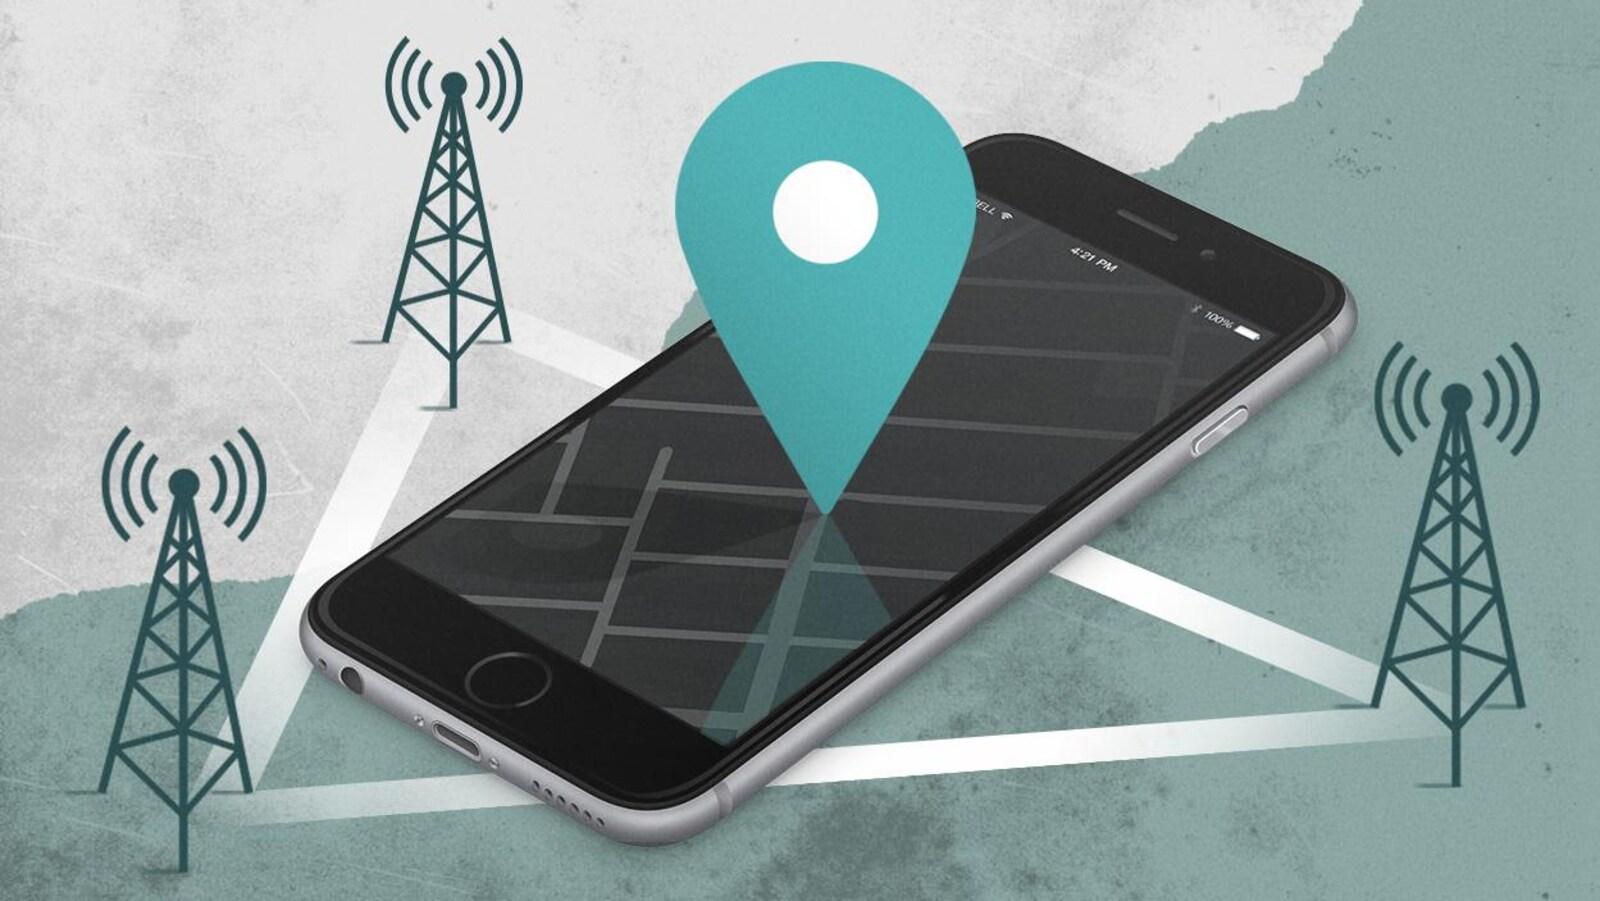 Un symbole de géolocalisation qui désigne un téléphone cellulaire.